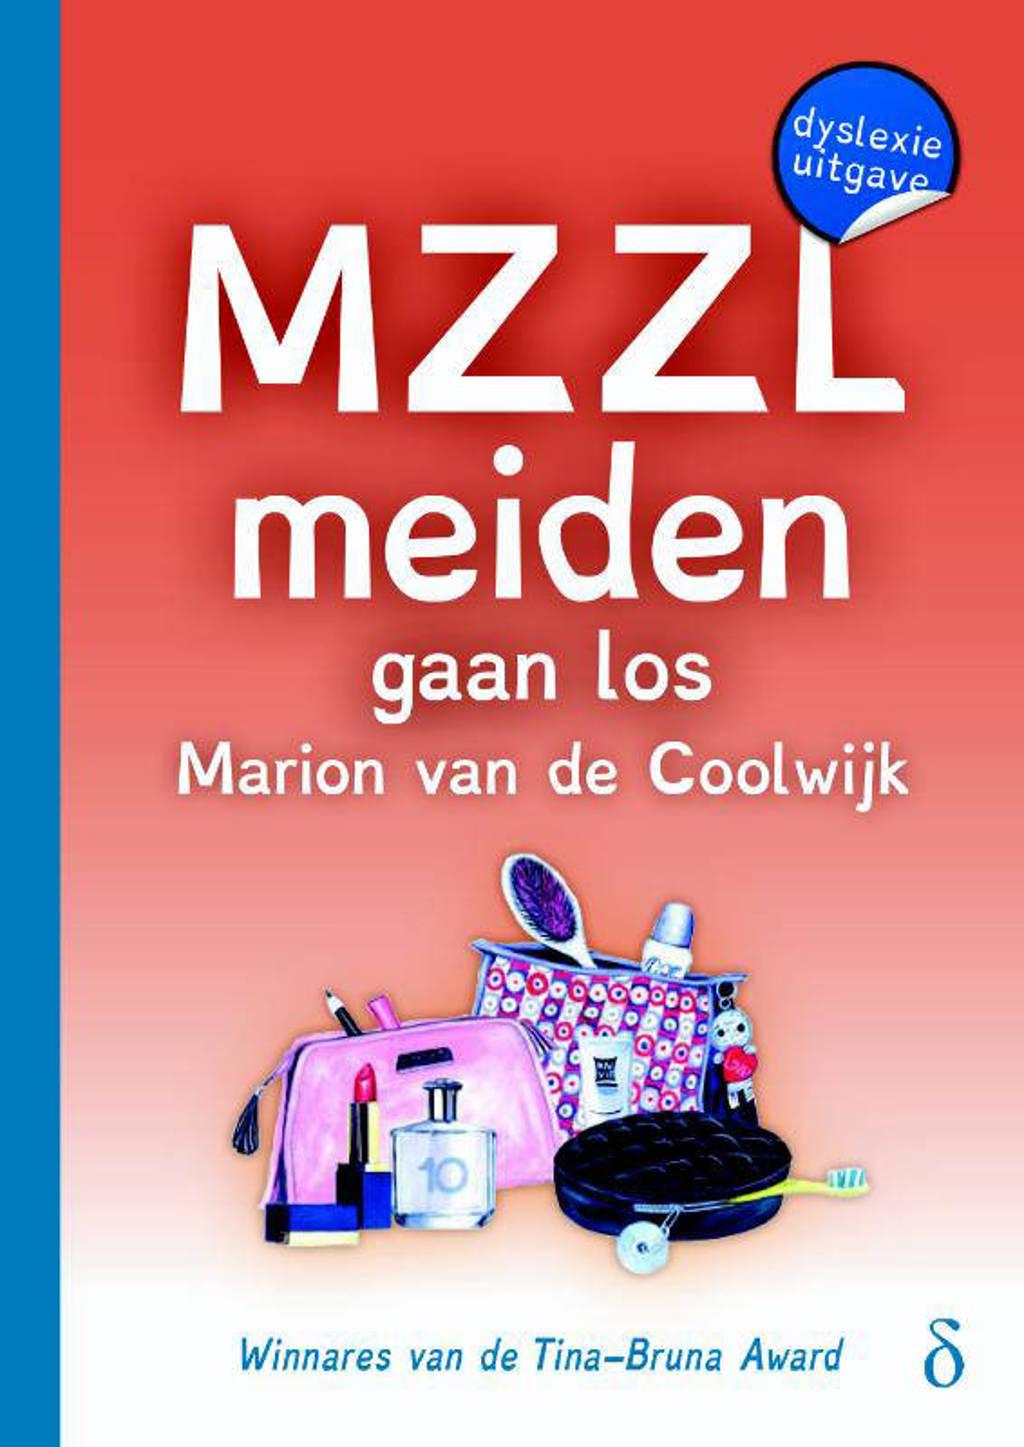 MZZLmeiden: MZZLmeiden gaan los! - Marion van de Coolwijk